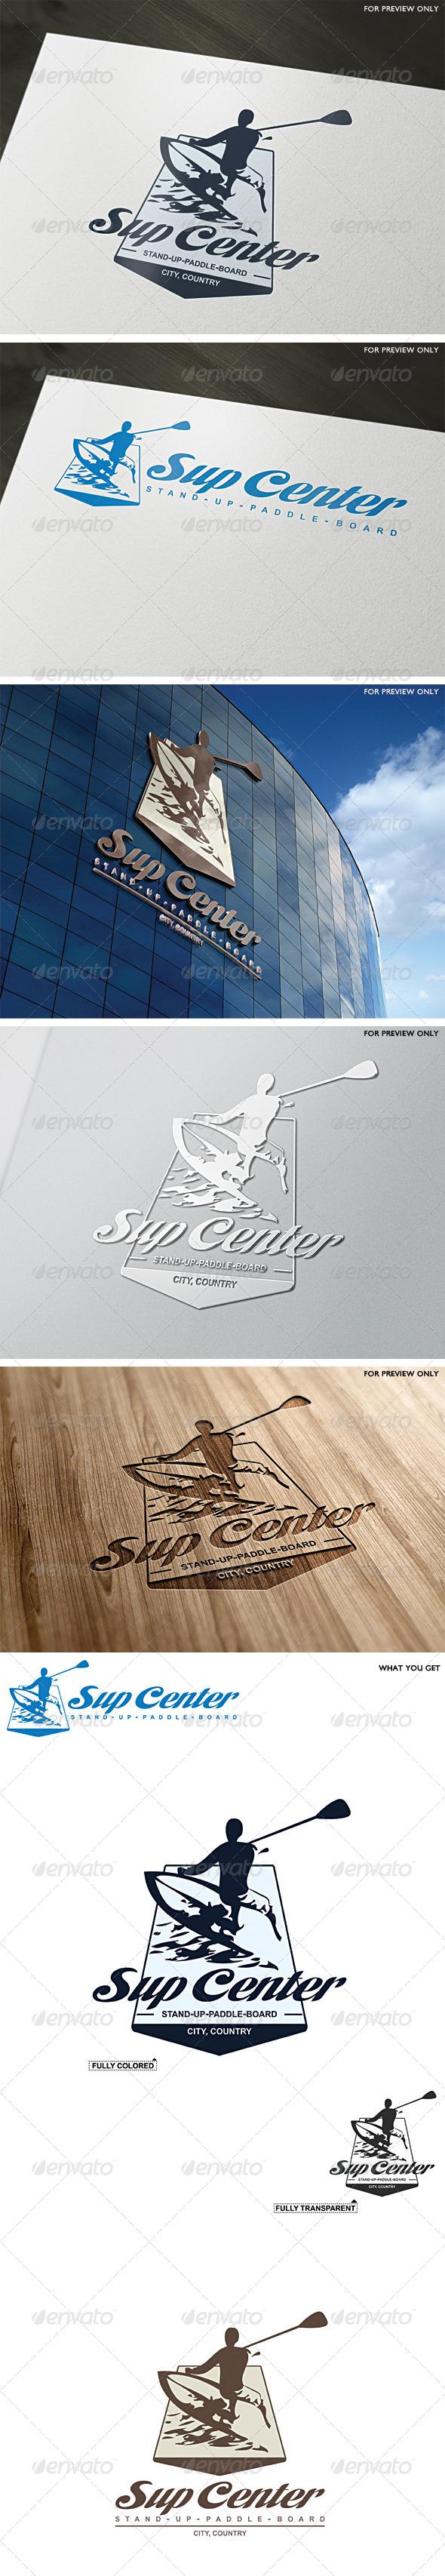 GraphicRiver Sup Center Logo Template 5598474